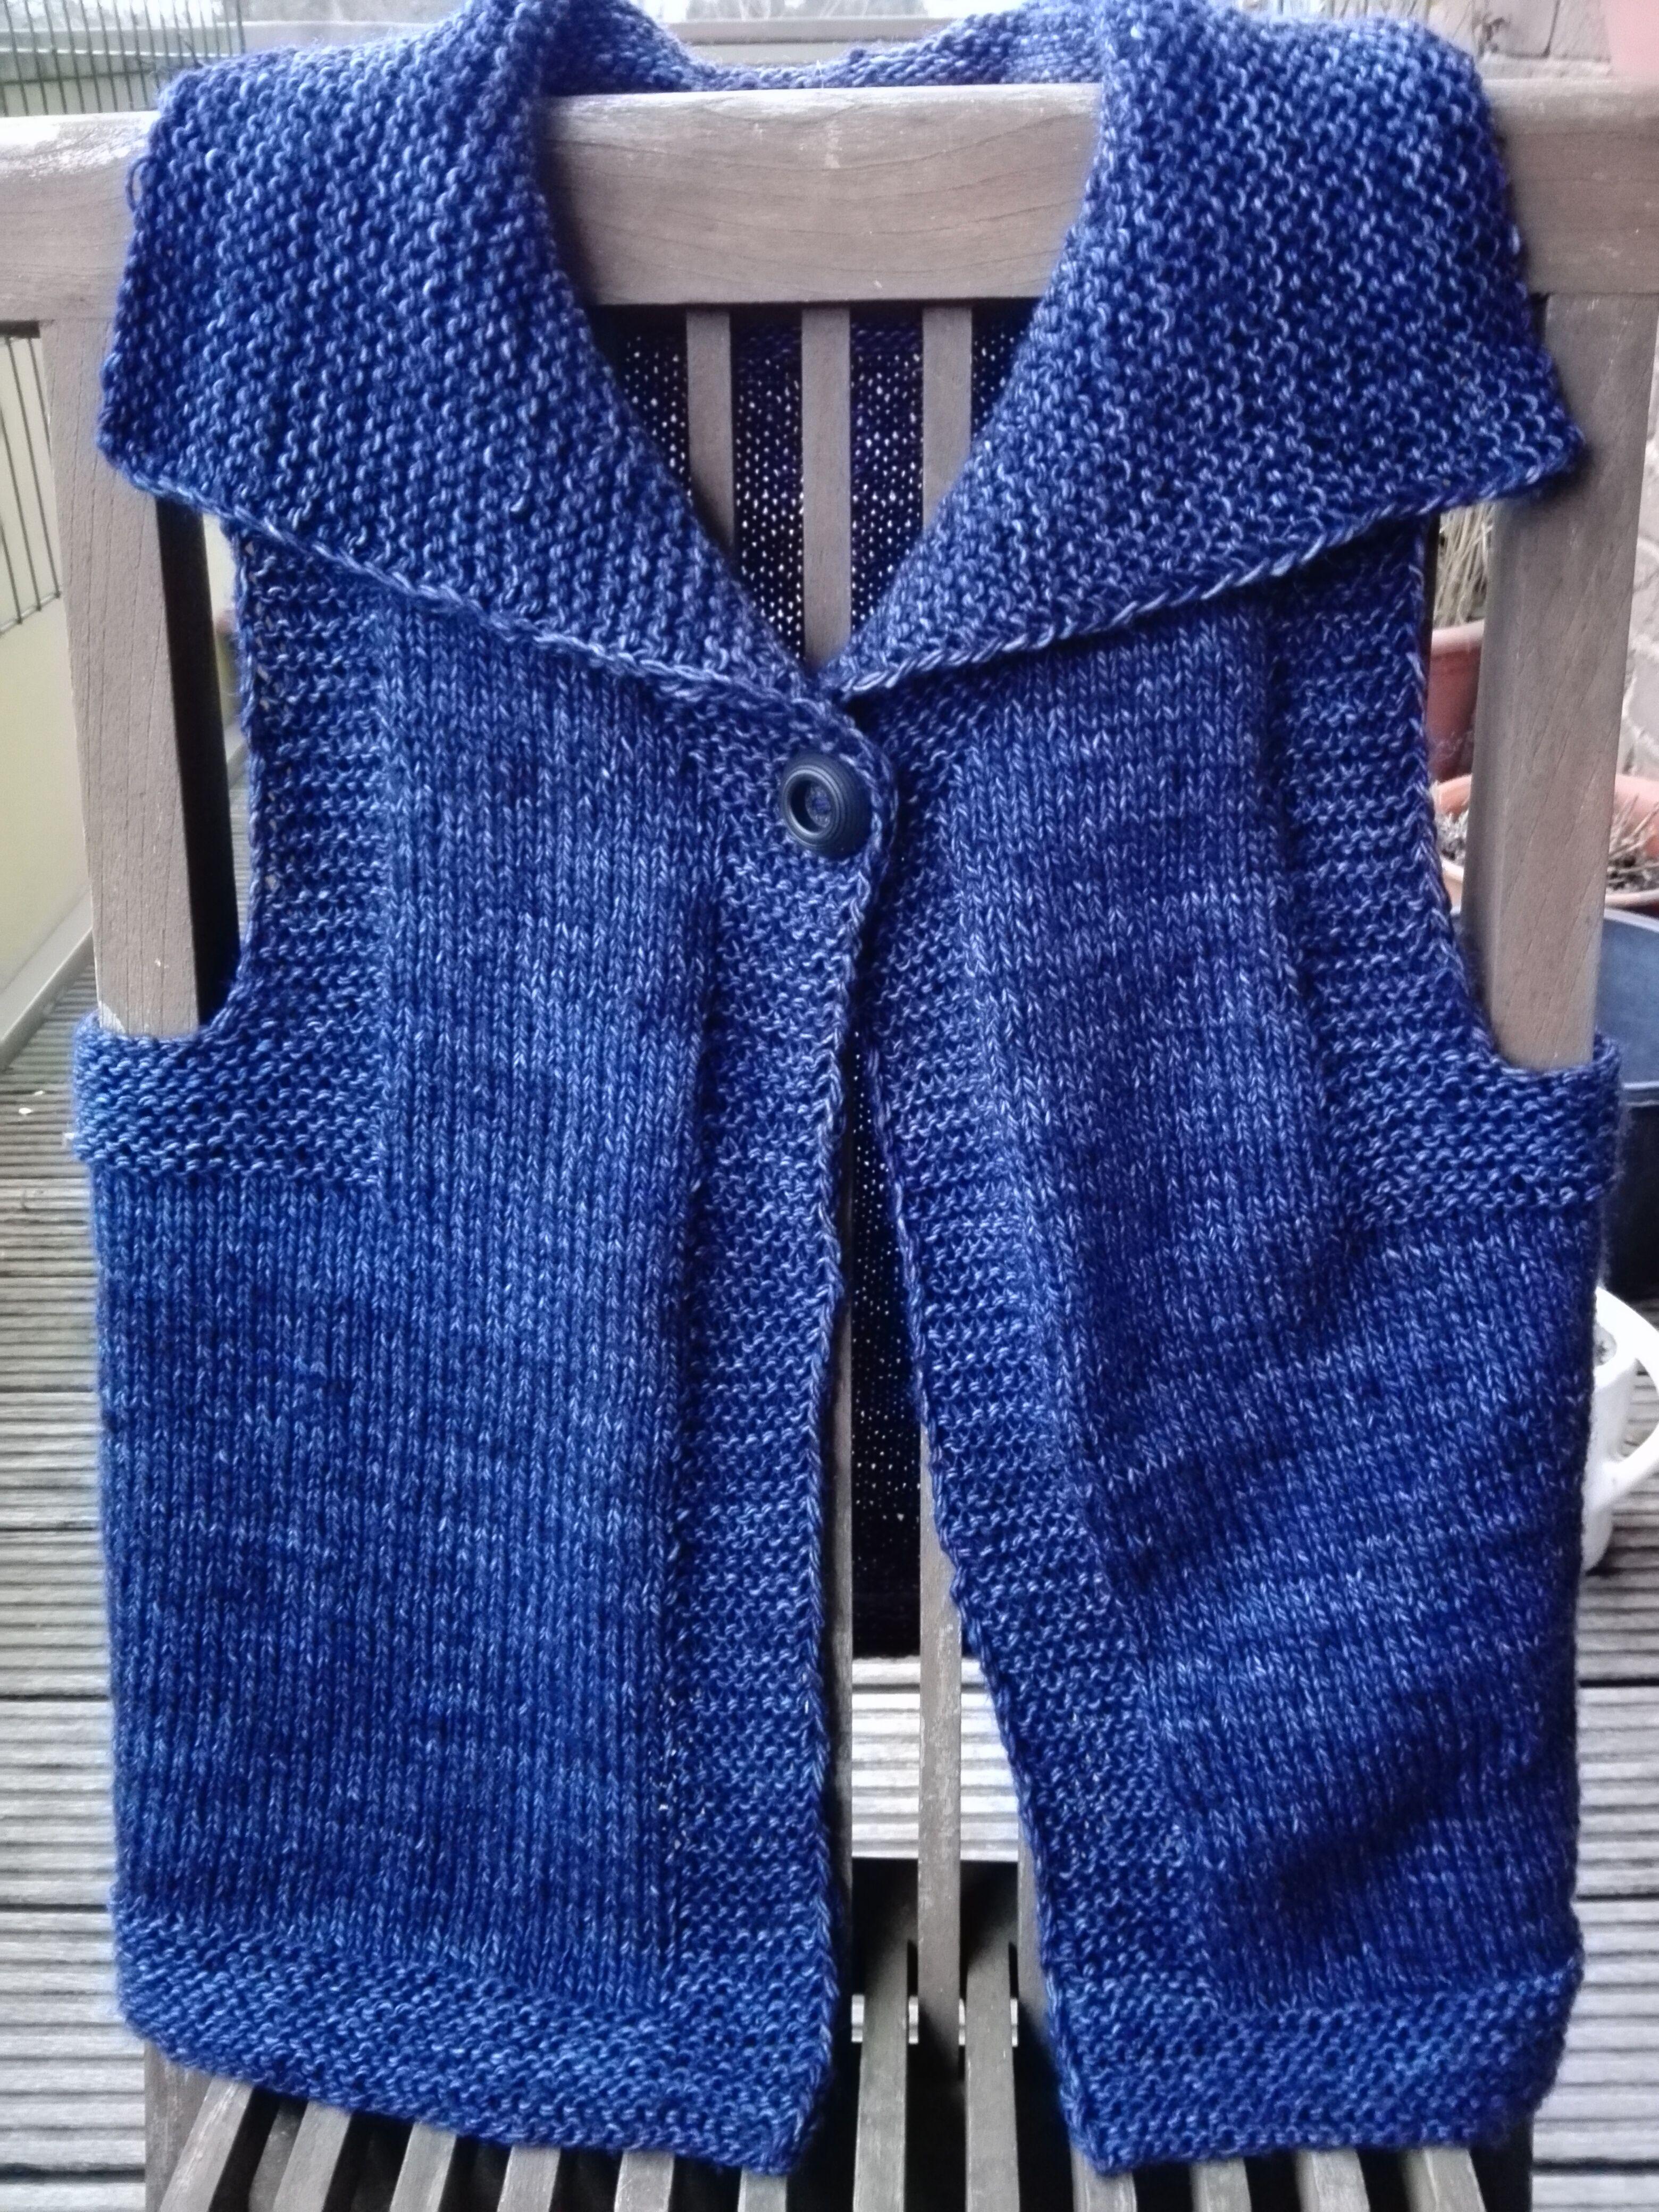 Jacken stricken und filzen